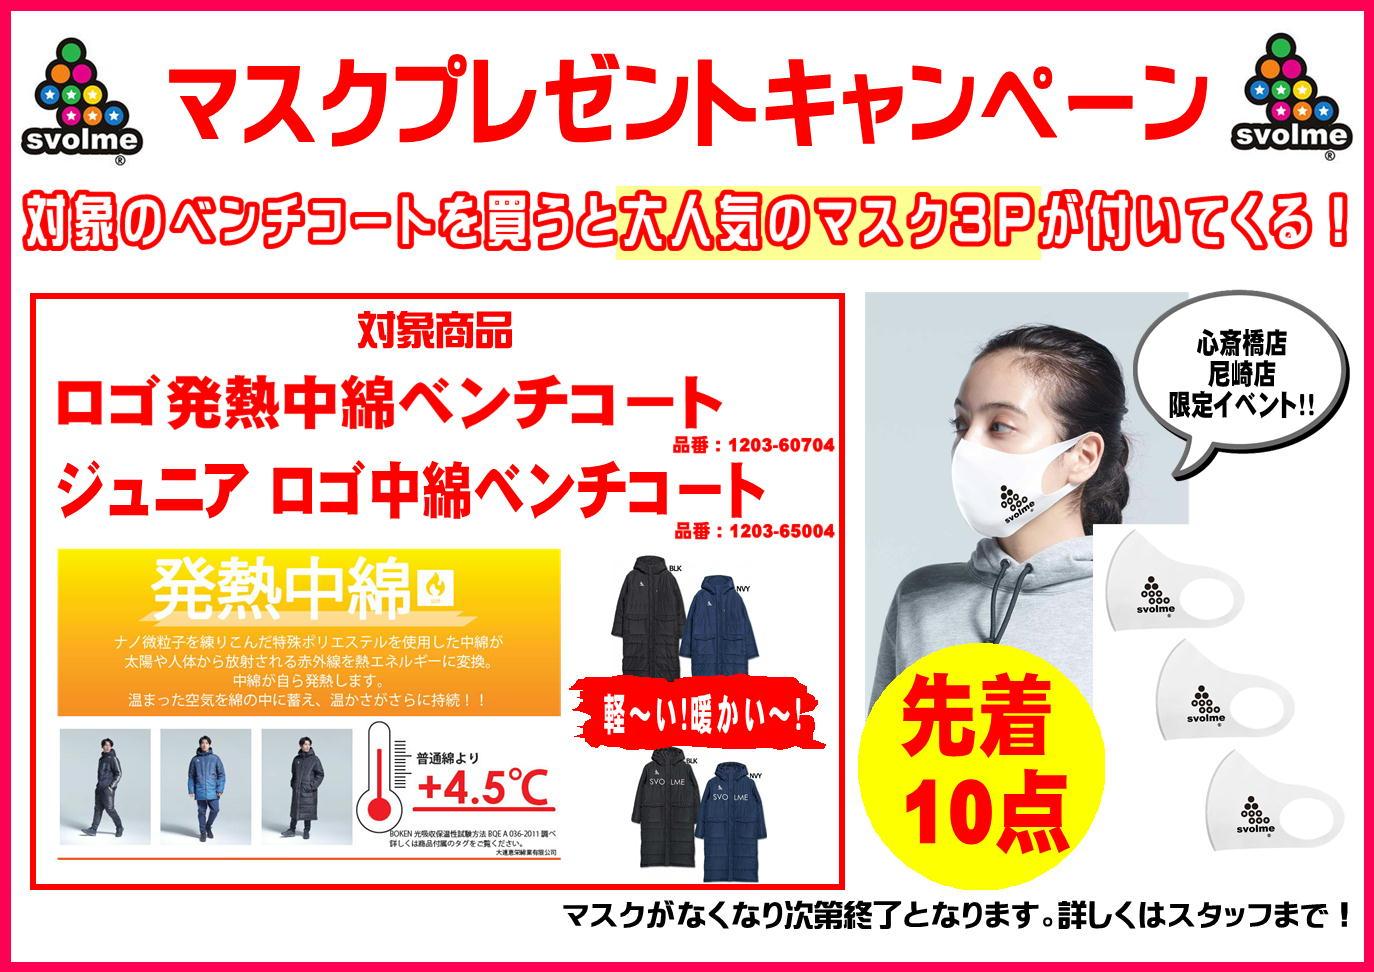 心斎橋店、尼崎店限定イベント!